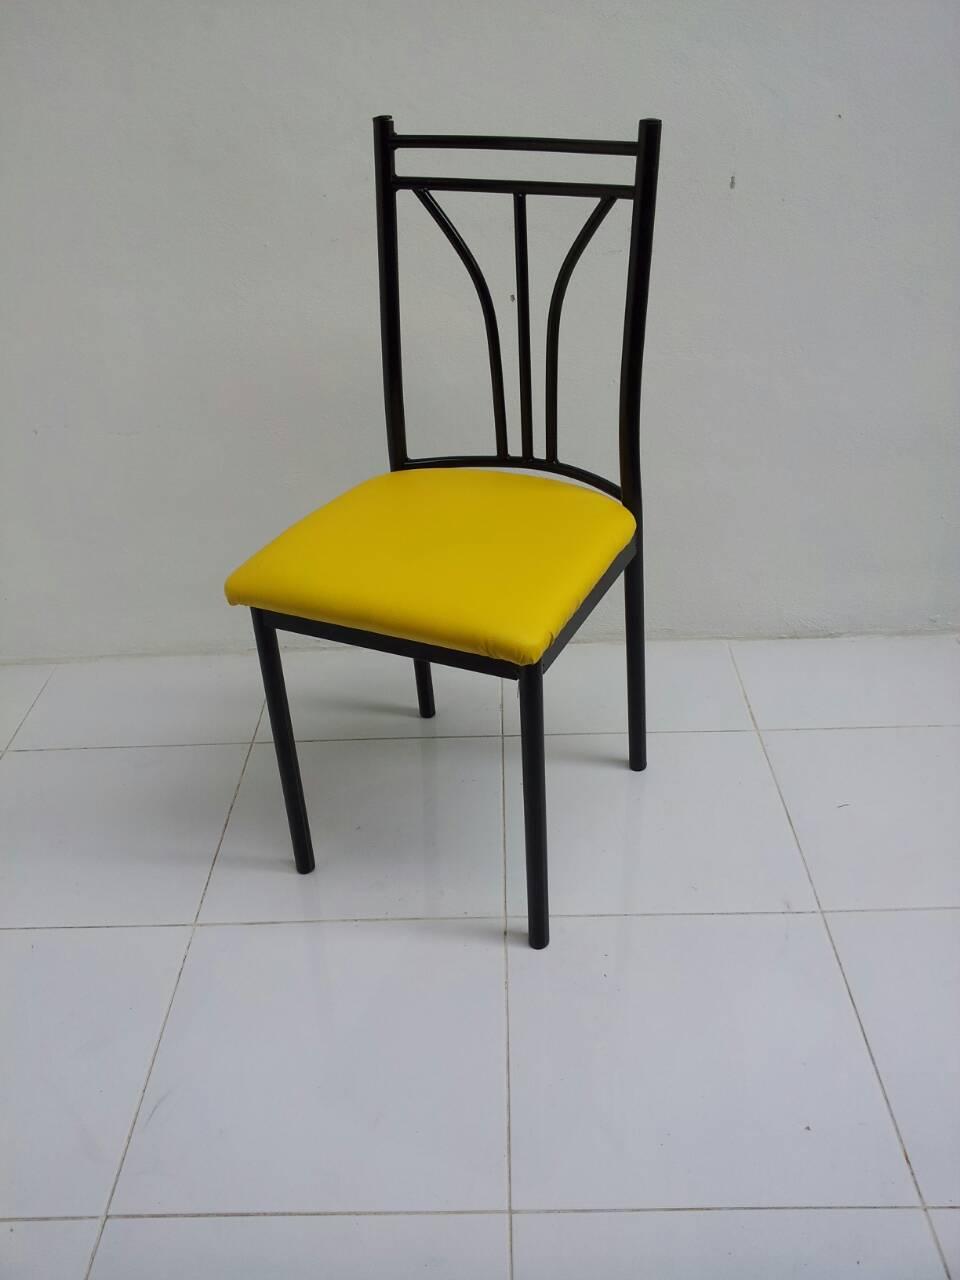 เก้าอี้อาหาร โครงเหล็ก รุ่น จอร์เจียร์